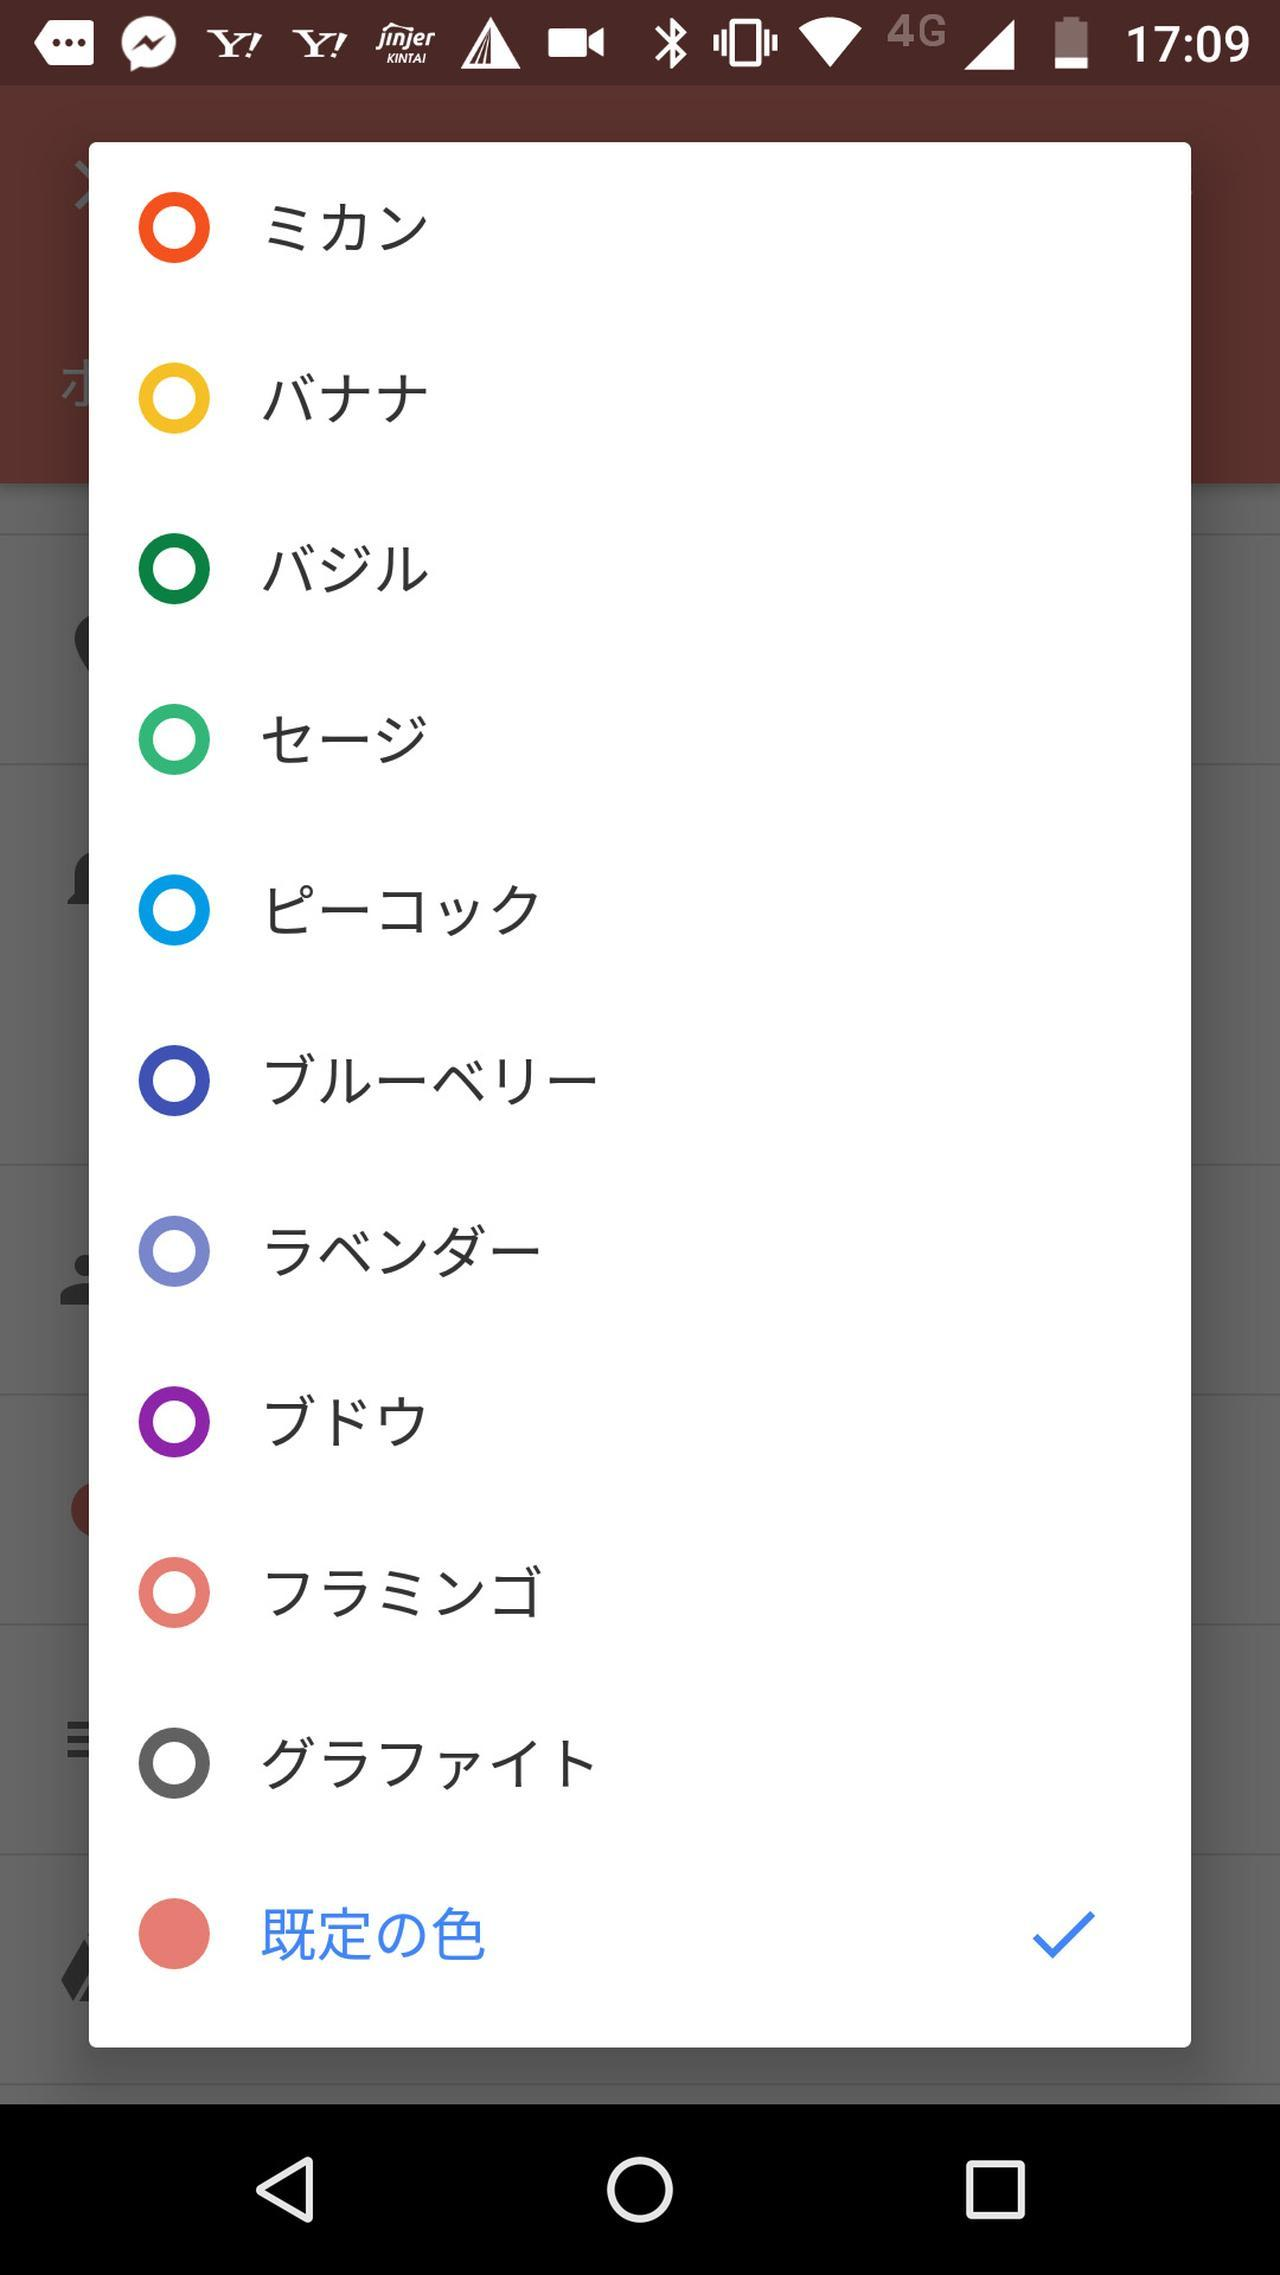 画像: こちらは、AndroidスマホのGoogleカレンダーで予定の色を設定する画面。パソコンと同じように色を指定できる。